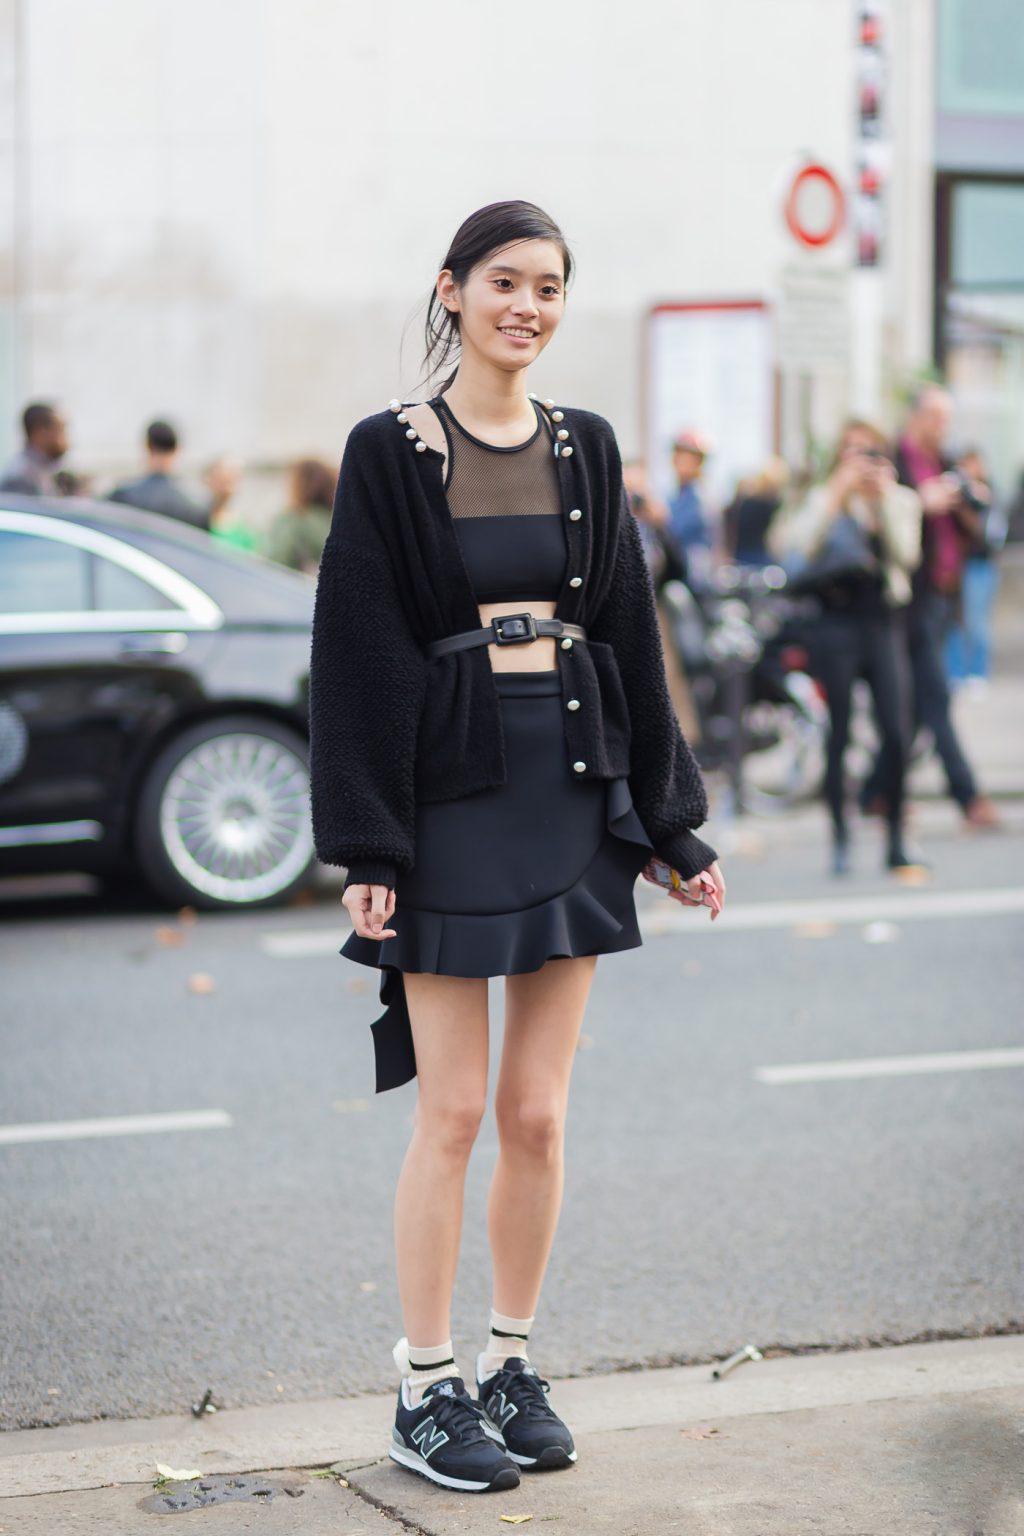 Nếu vẫn muốn diện áo dáng ngắn, bạn có thể phối cùng crop-top nhằm khoe eo thon và chân váy hơi xòe.